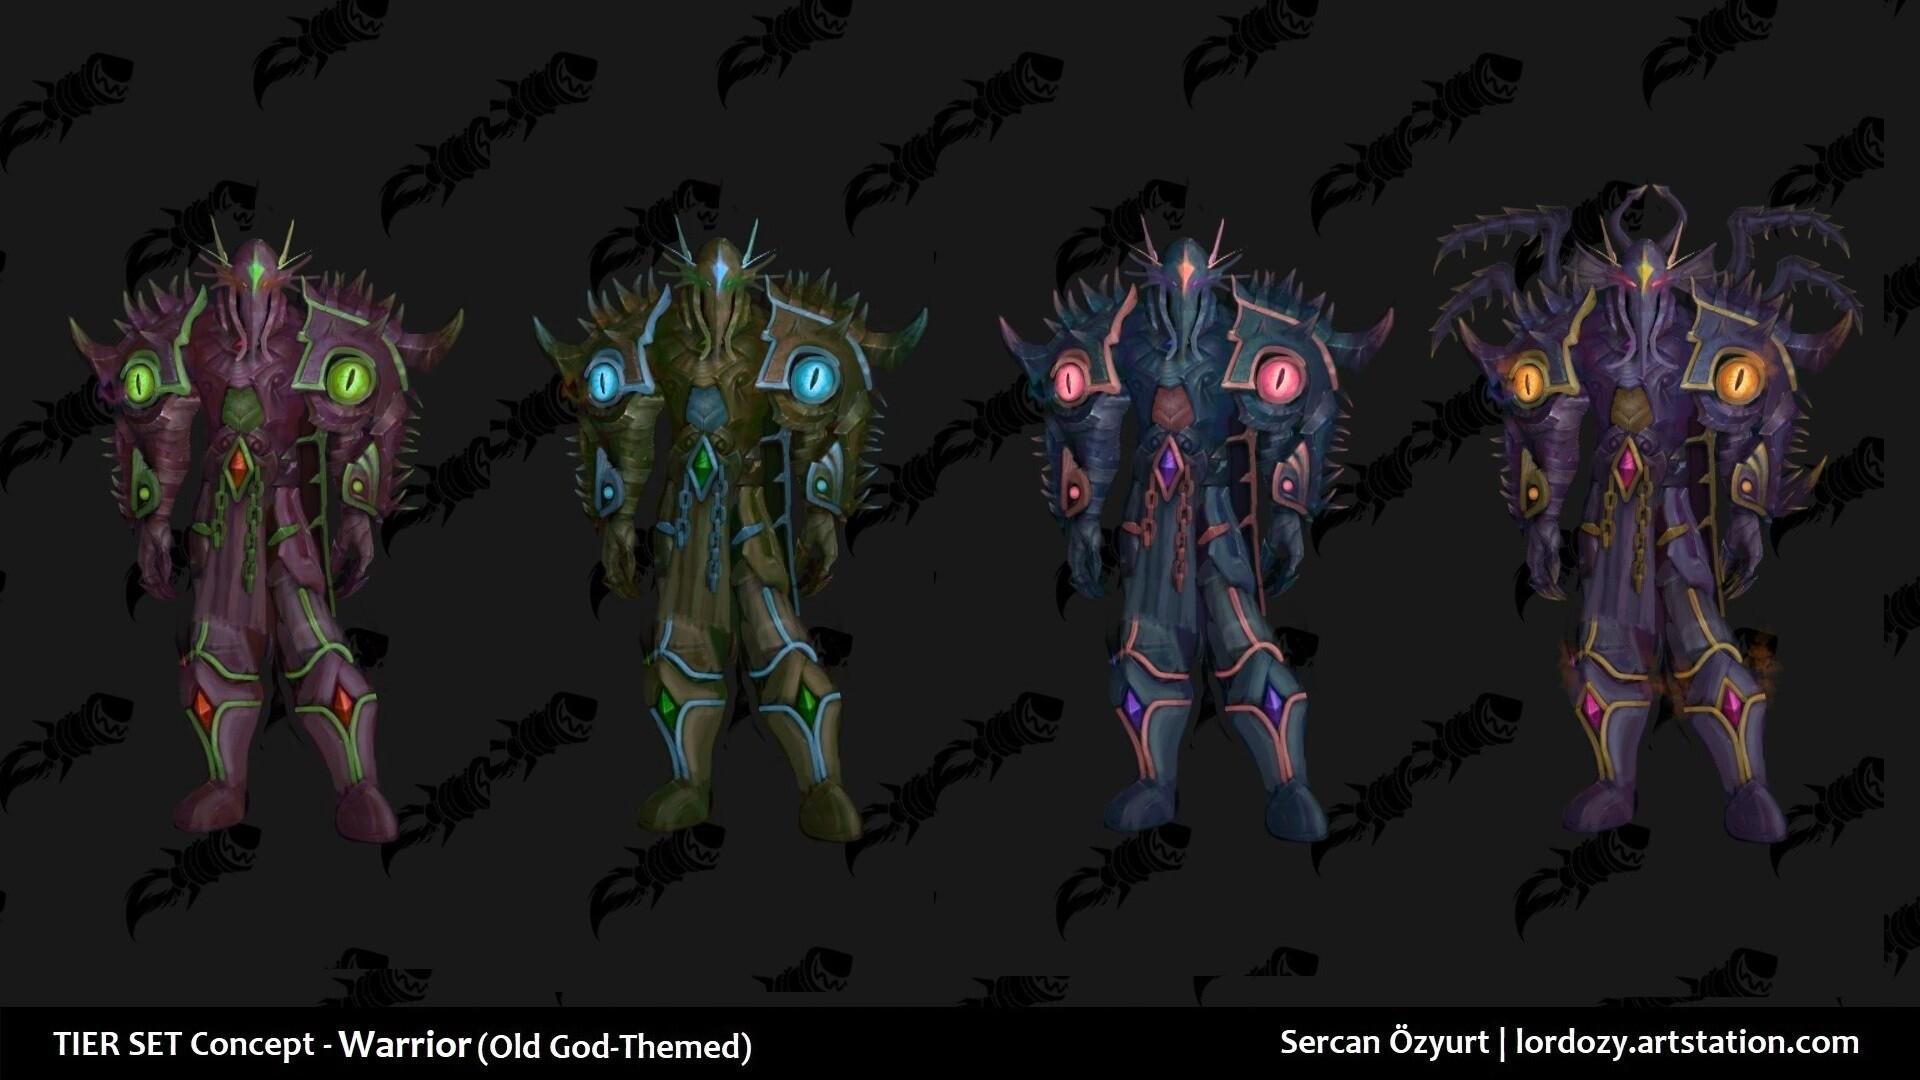 sercan-ozyurt-warriorset12all.jpg?159792